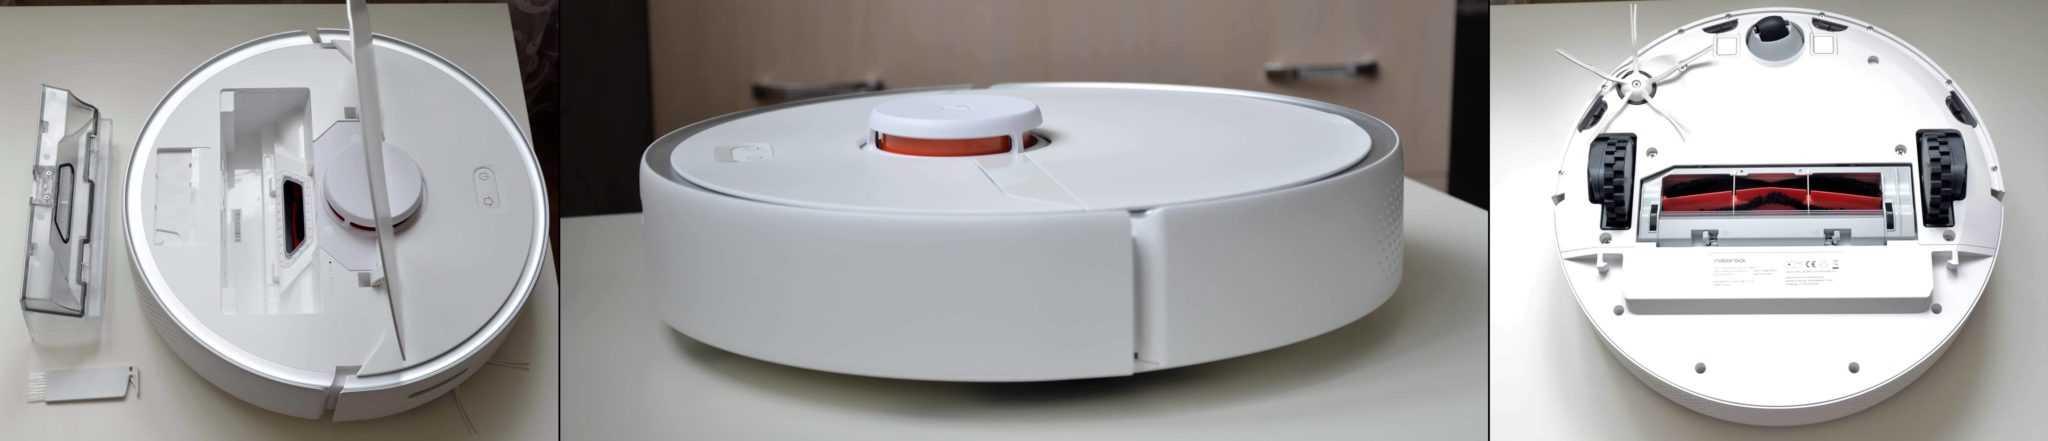 Робот пылесос xiaomi roborock s6